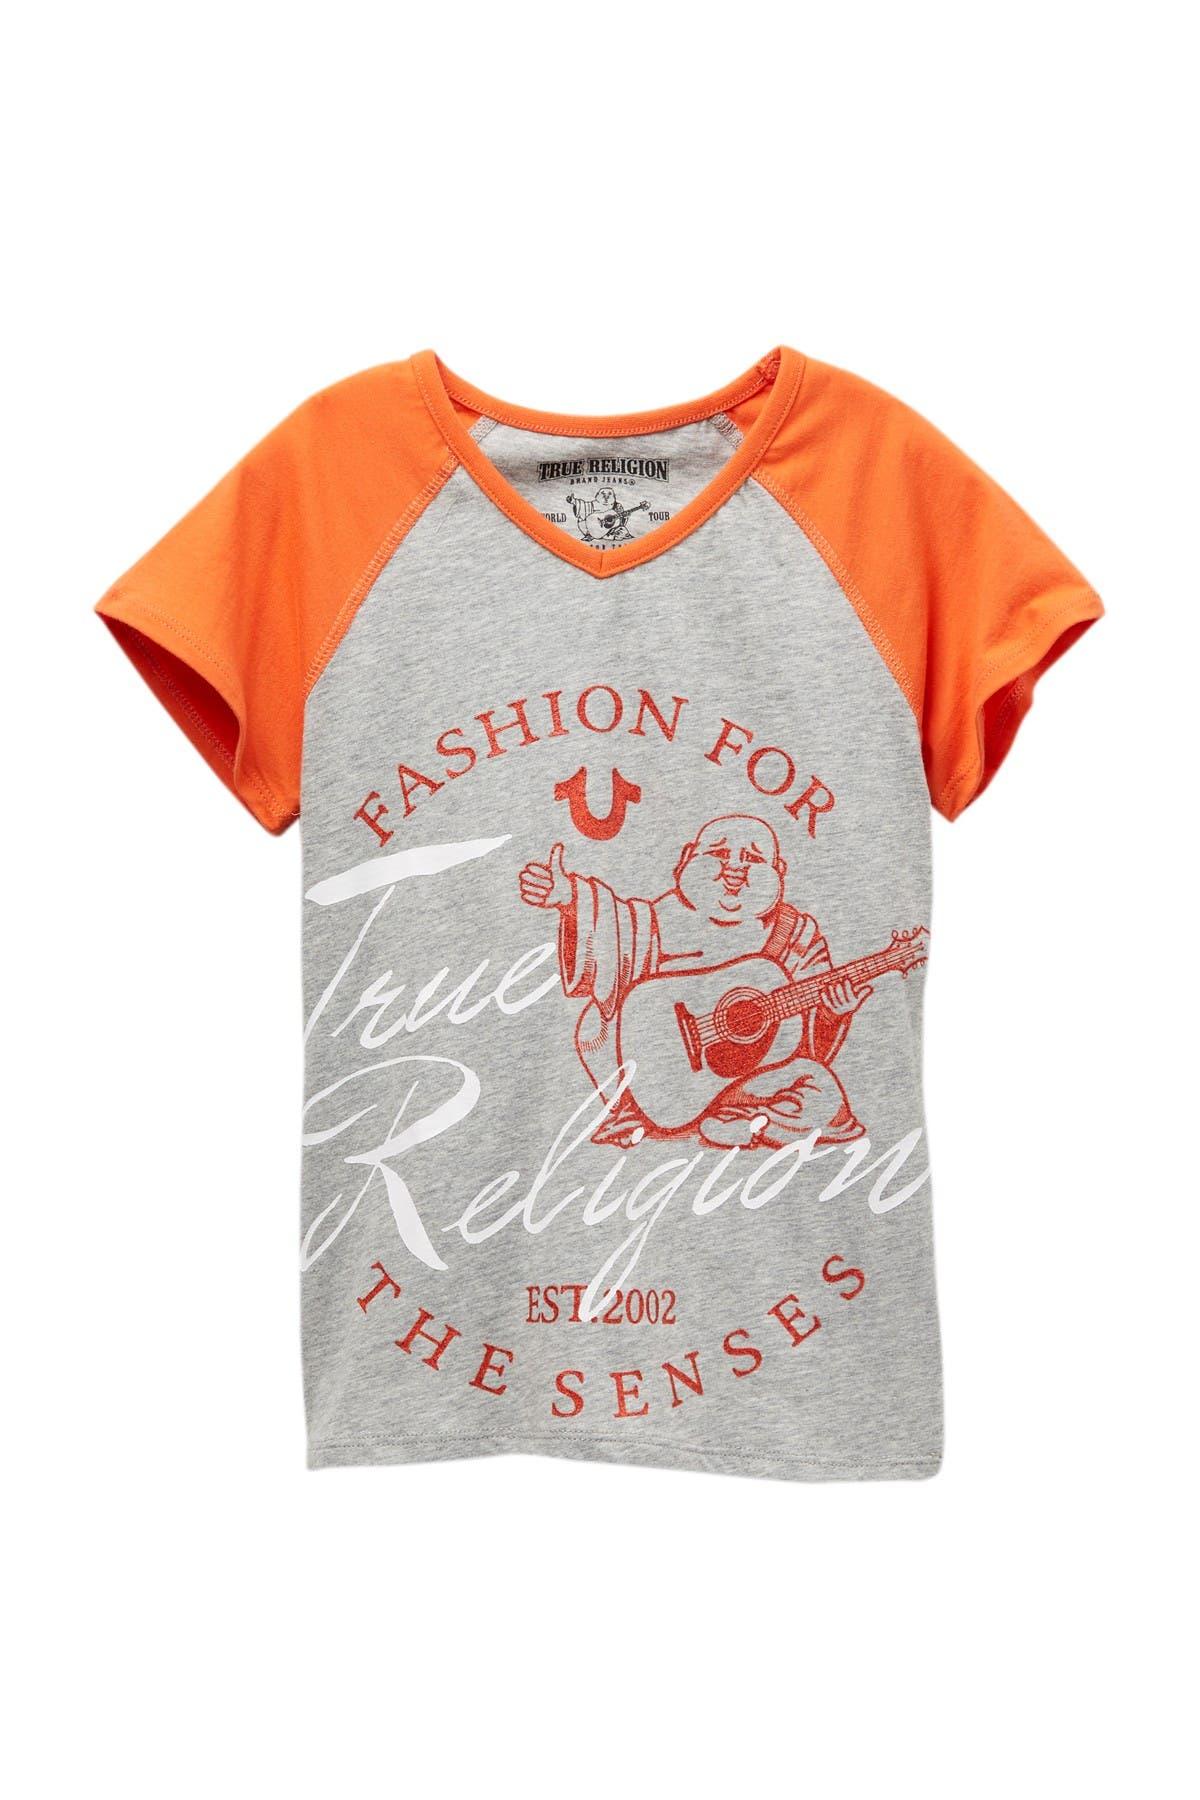 Image of True Religion Fashion Sense T-Shirt